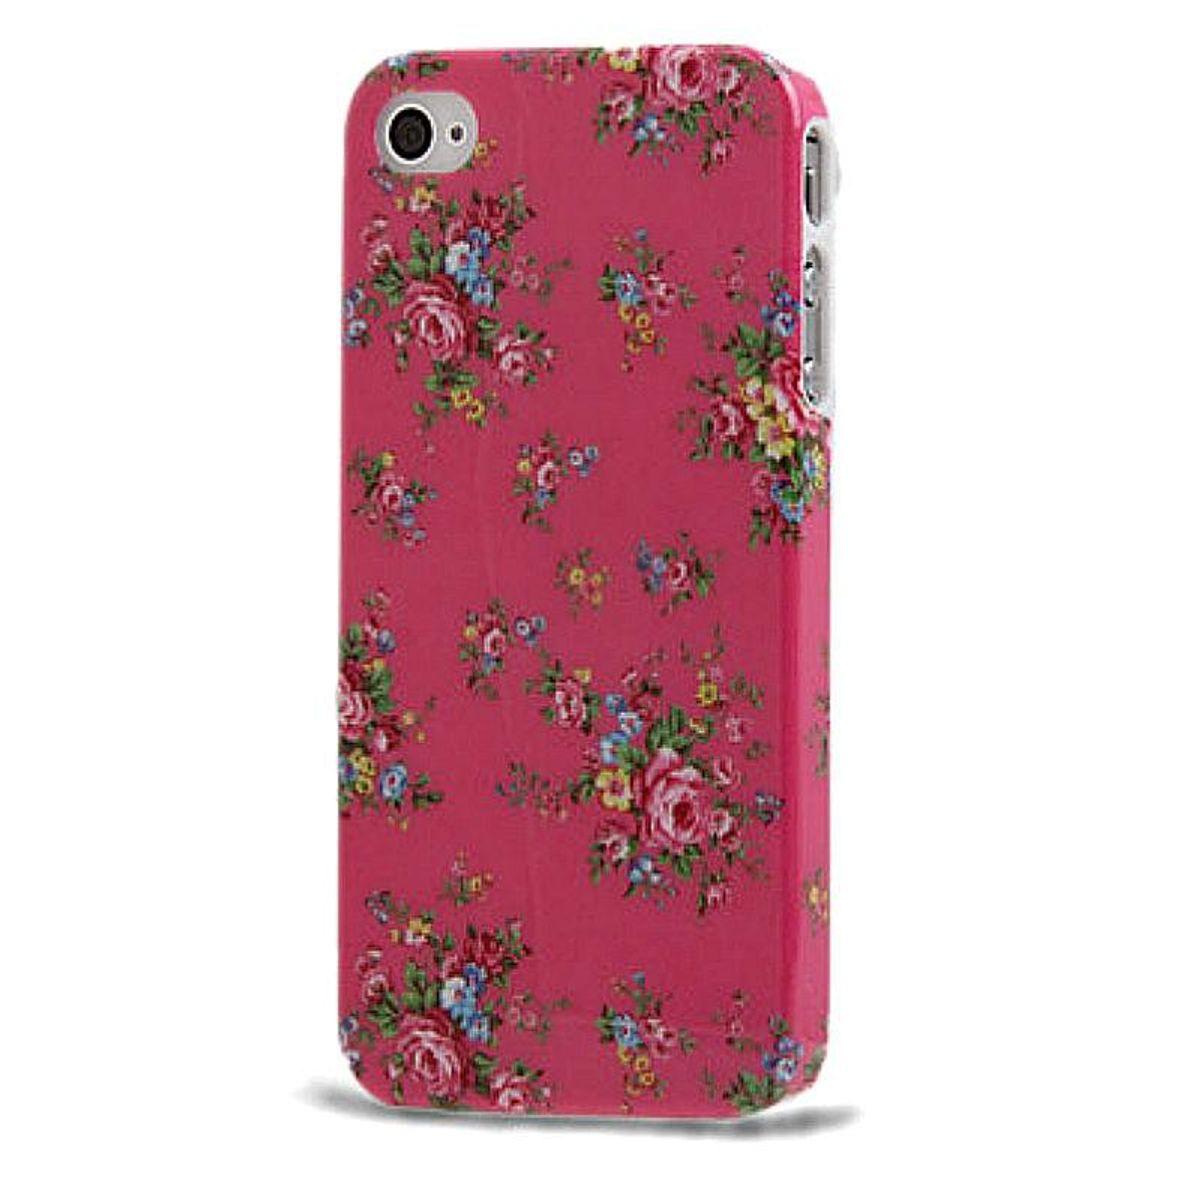 Schutzhülle Hard Case Hülle für Handy iPhone 4 / 4s Rosen / Pink